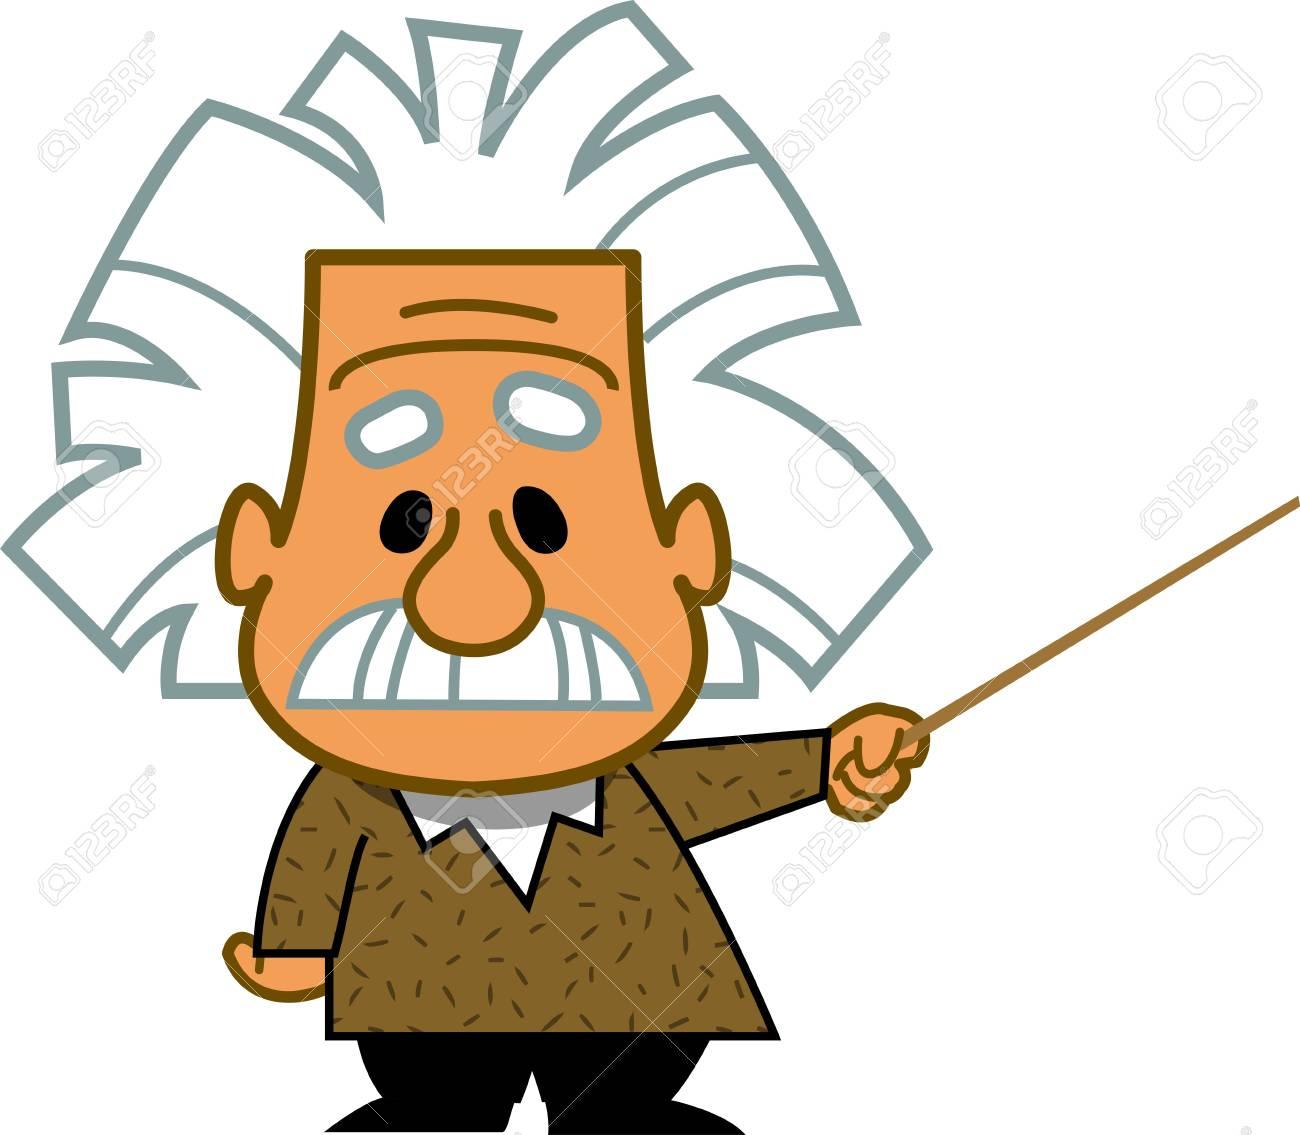 Smart Enseignant Professeur Genie Scientifique Mathematicien Dessin Anime Clipart Vecteur Clip Art Libres De Droits Vecteurs Et Illustration Image 92683868